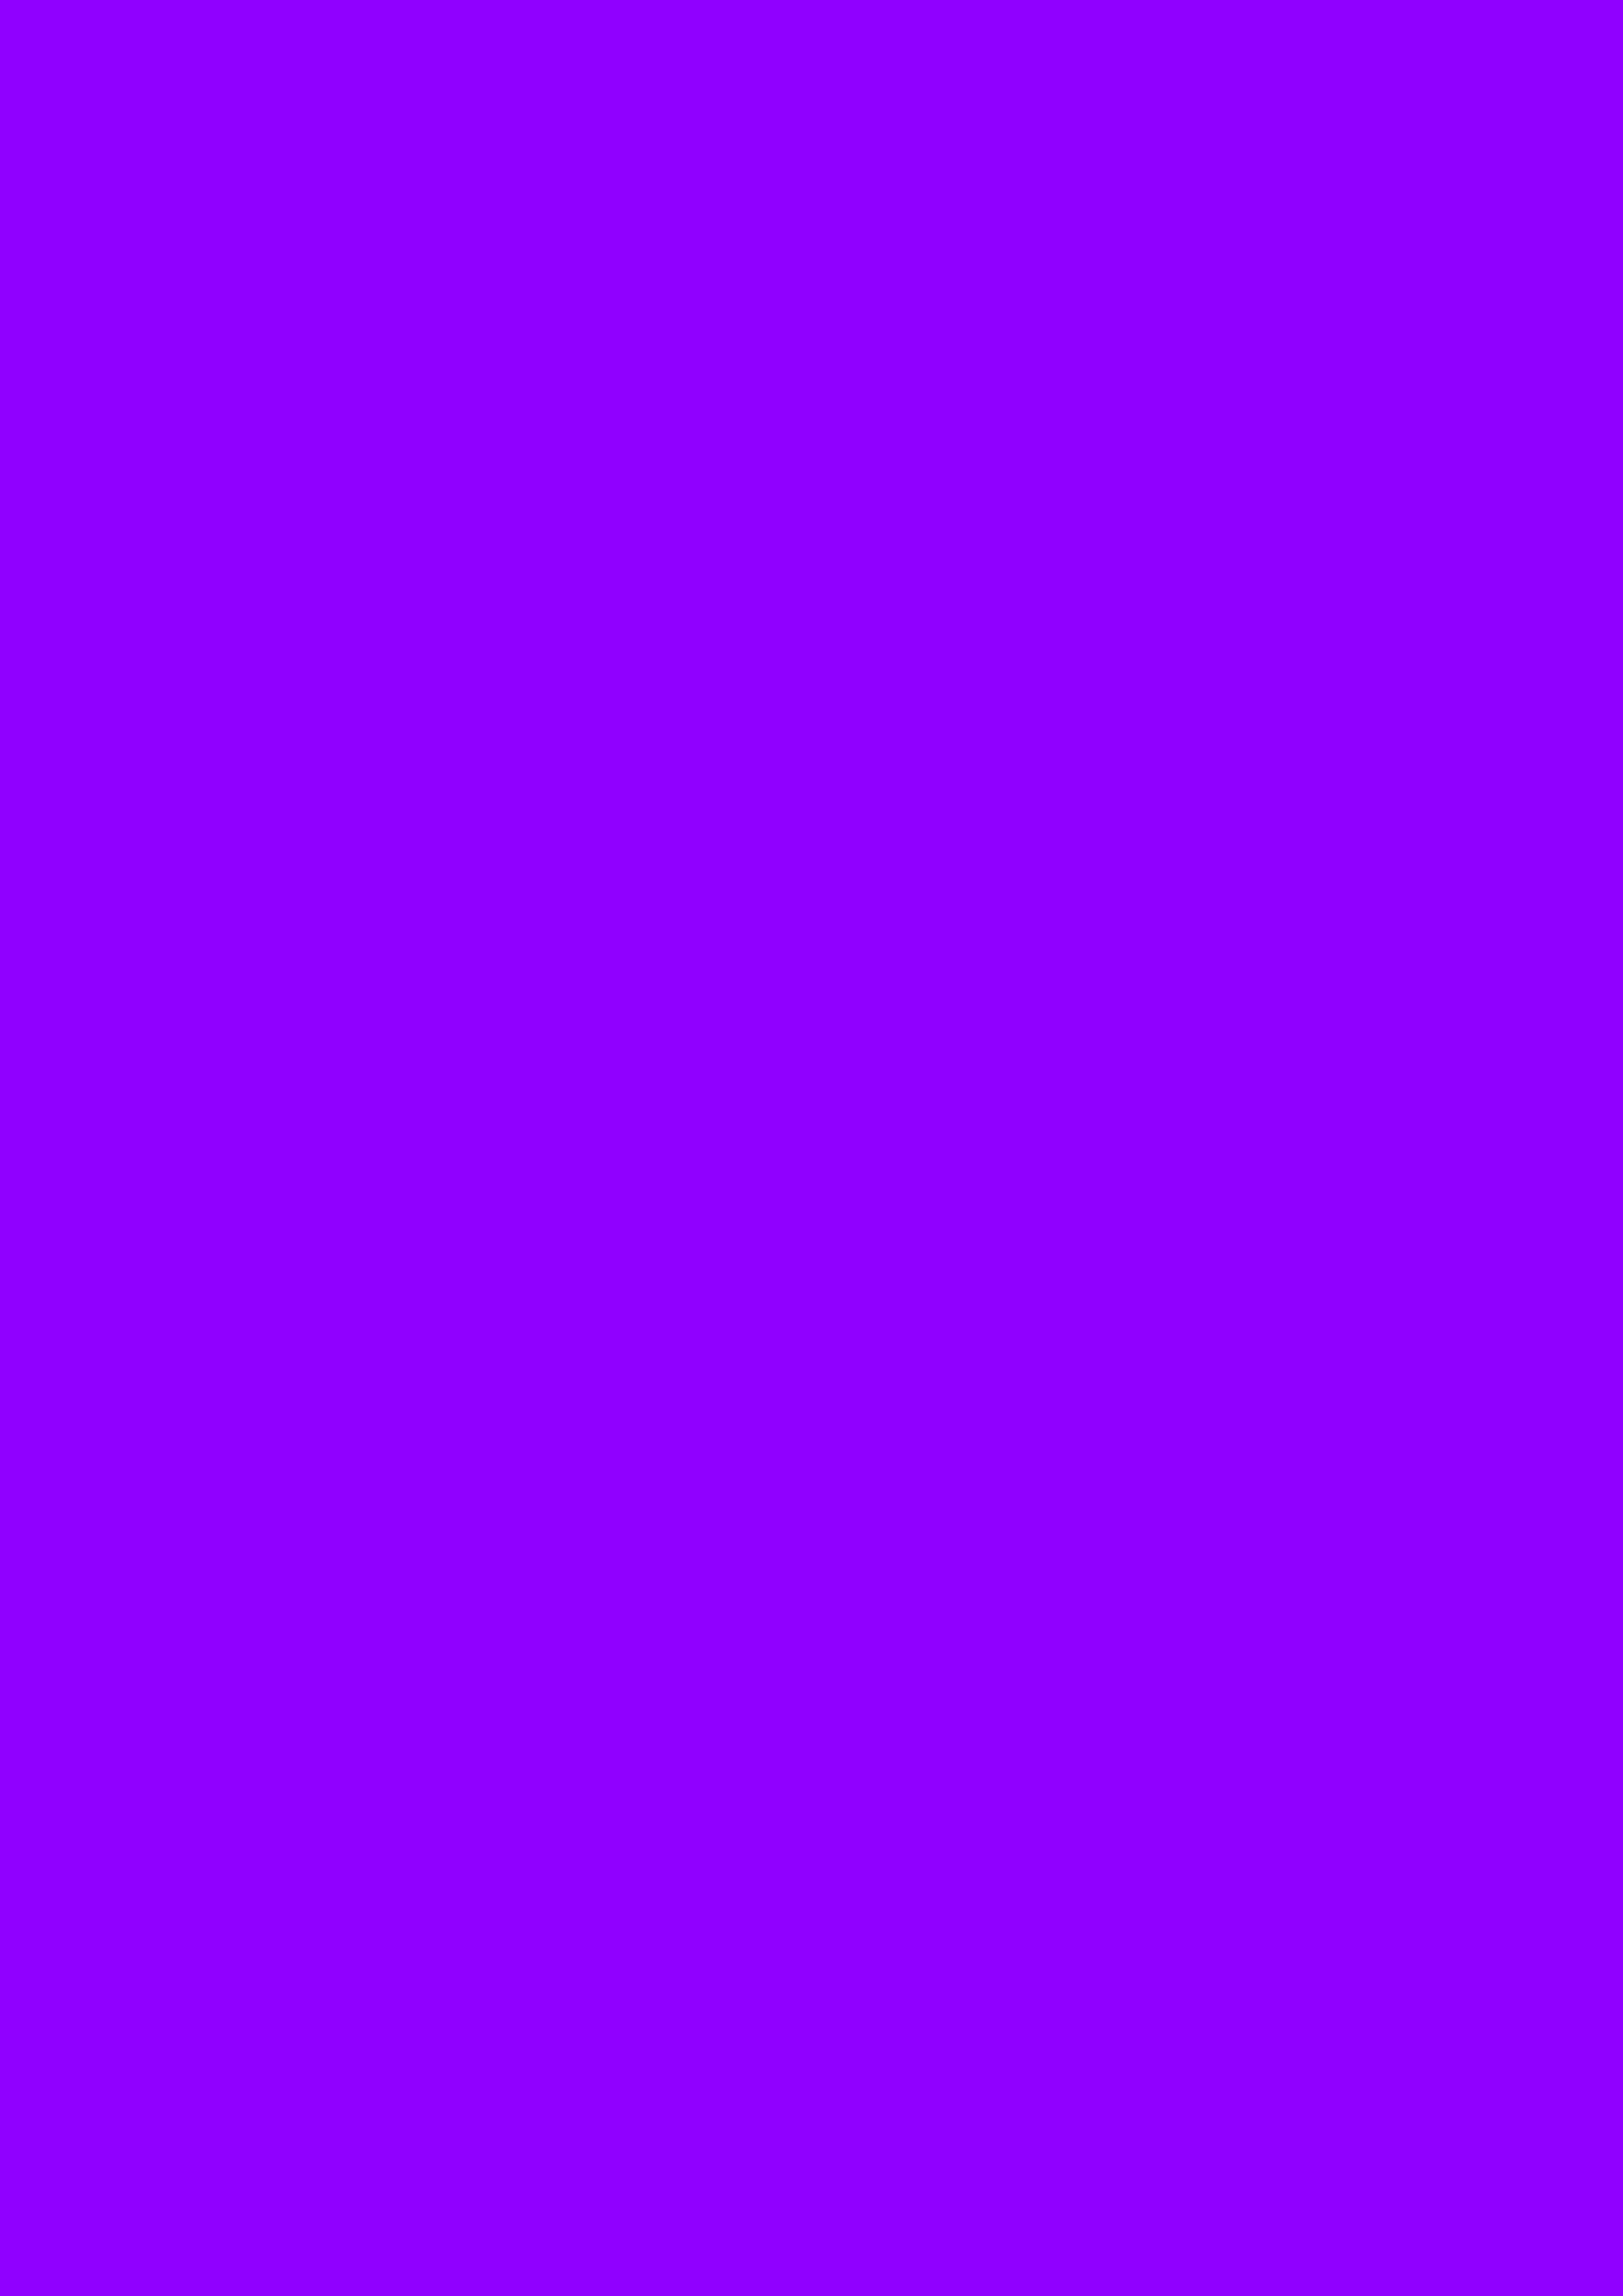 2480x3508 Violet Solid Color Background